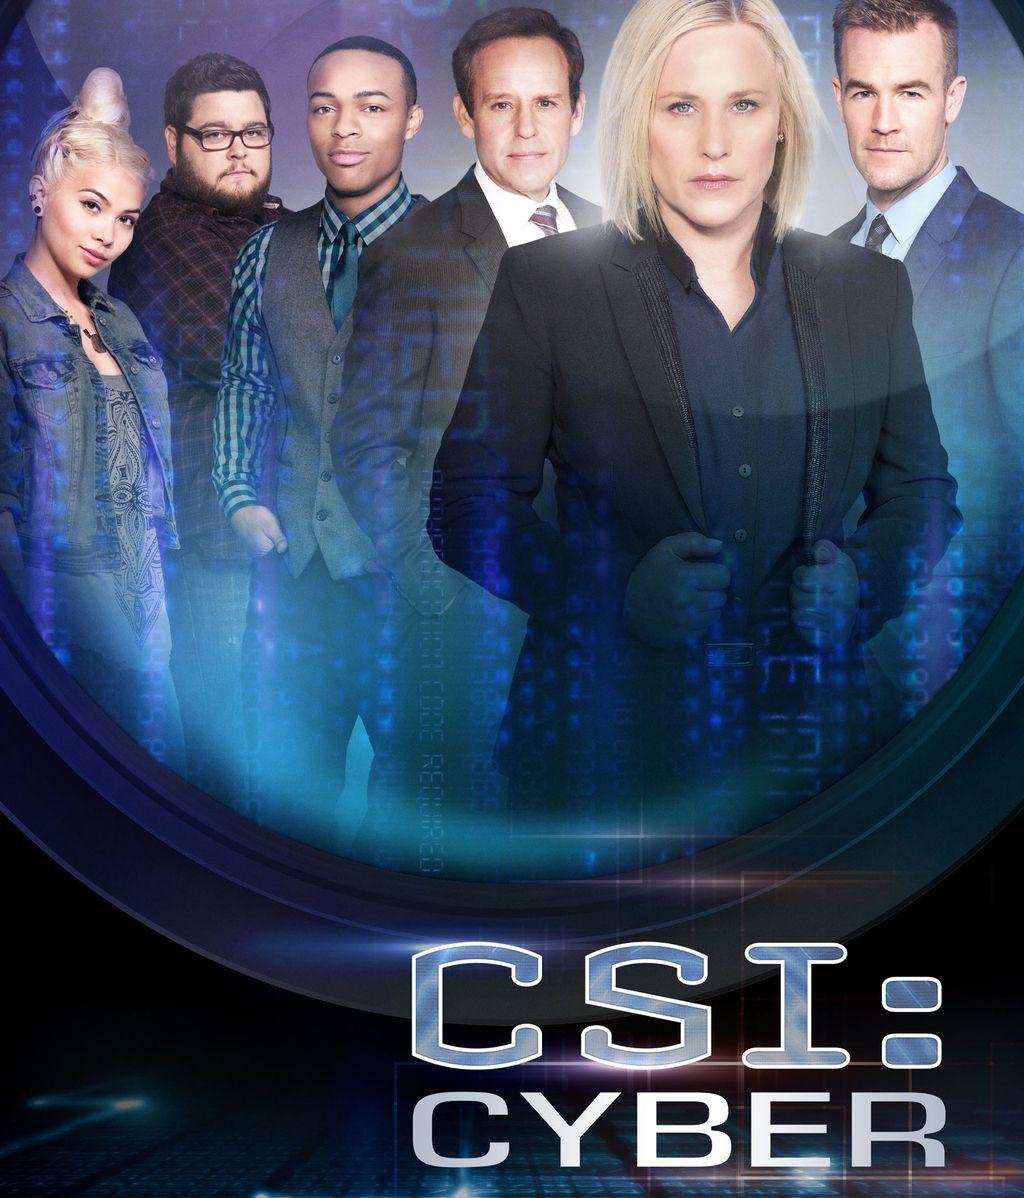 Conoce a los personajes y actores de la nueva franquicia de 'C.S.I.'